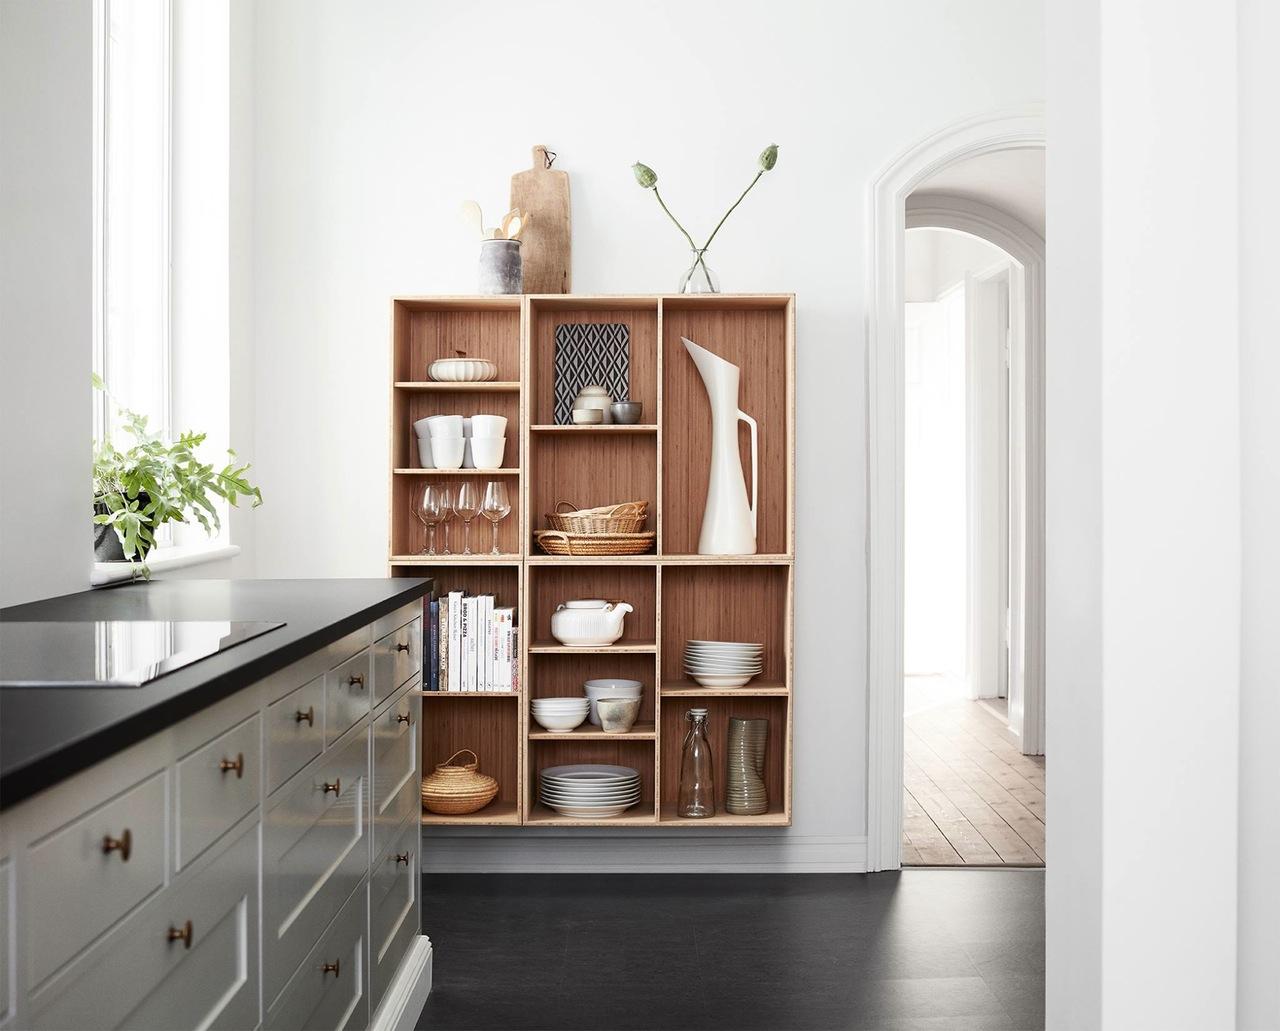 49jostar-interiors-edmonton-design-drawer-storage-organization.jpeg